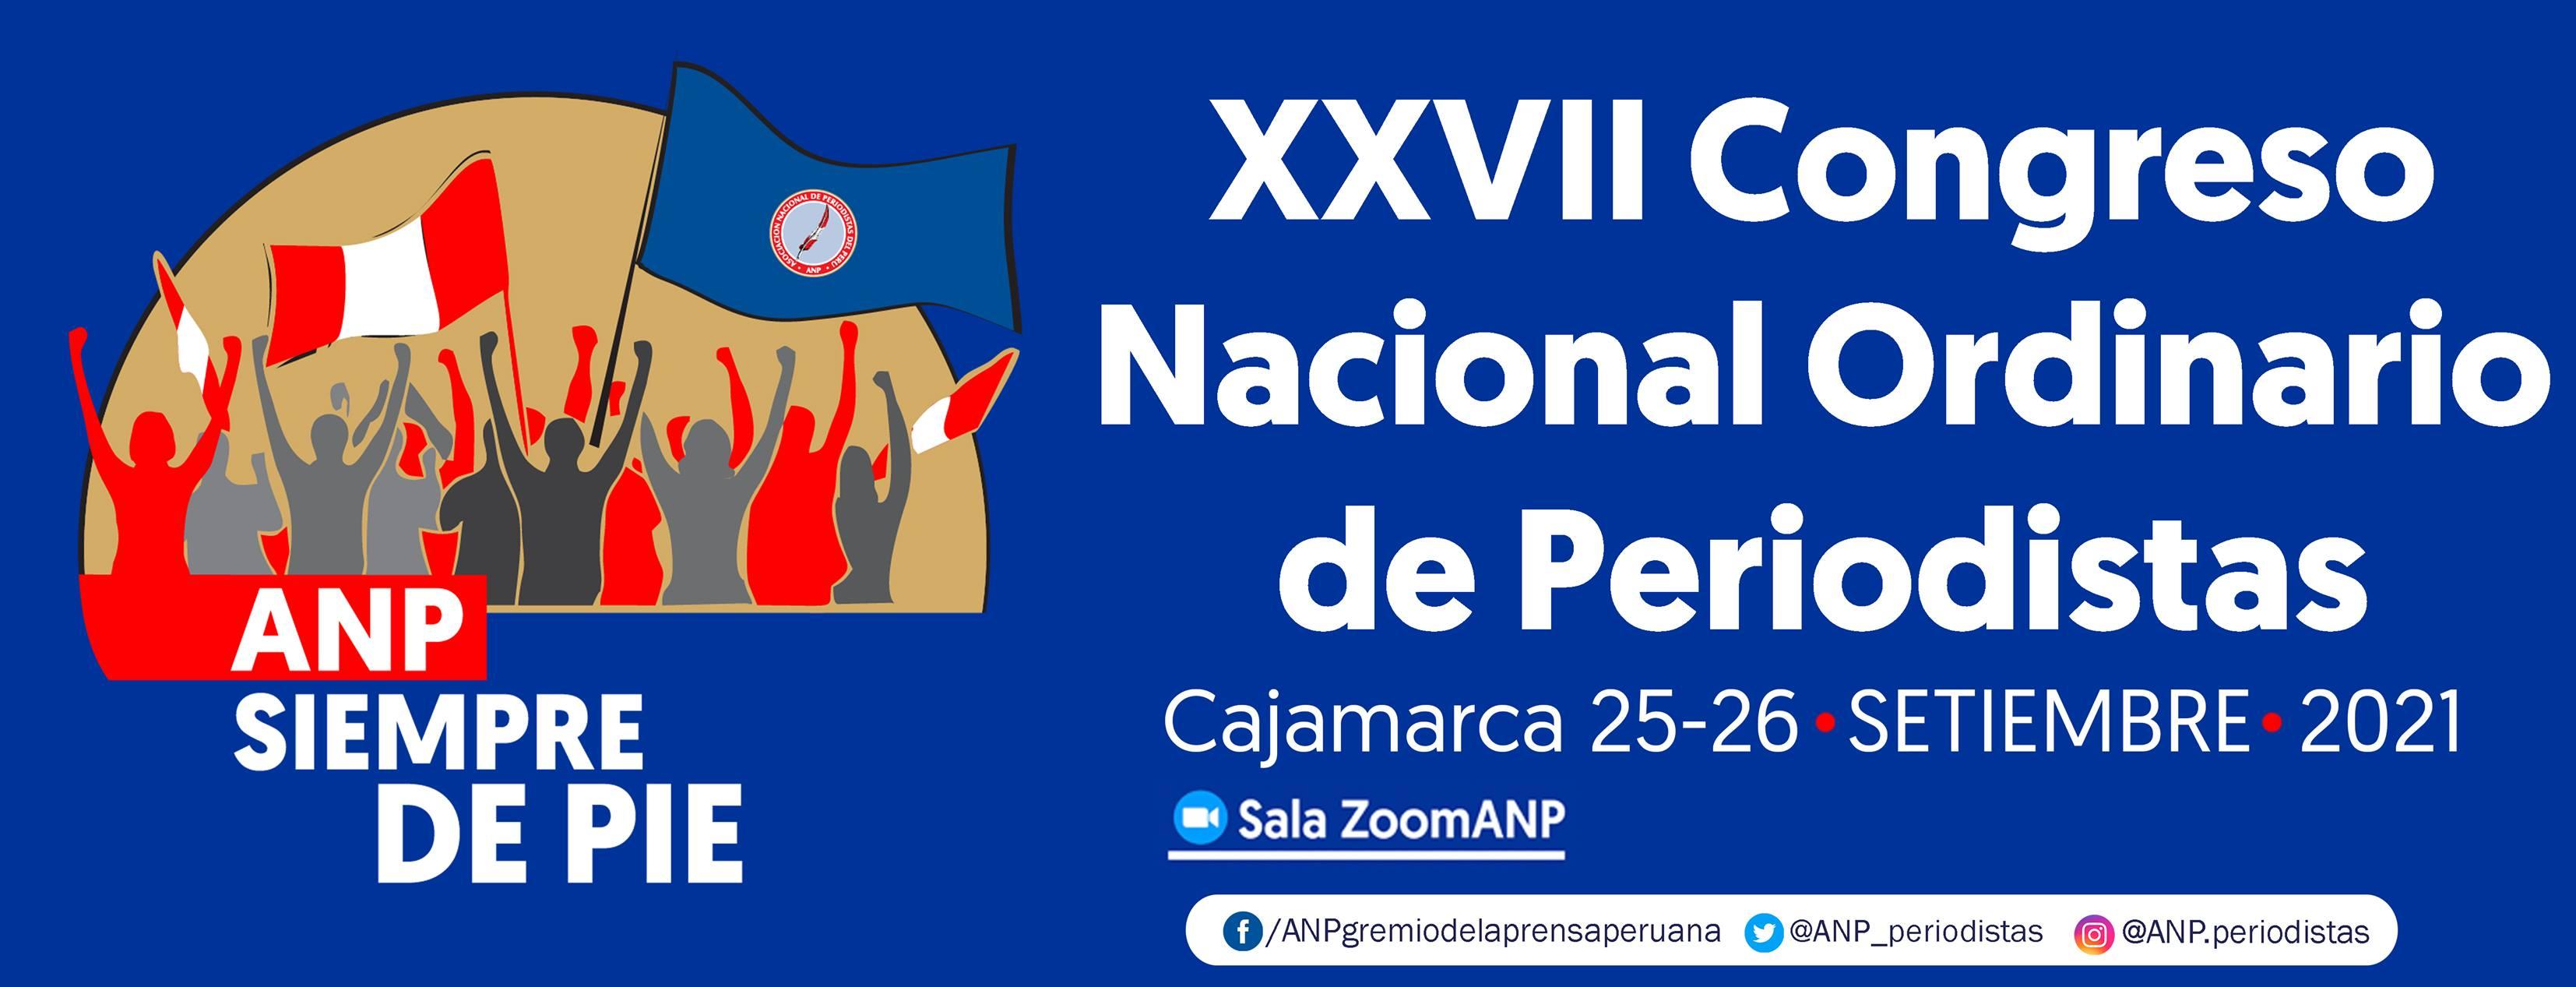 Perú: Comienza el XXVII Congreso Nacional Ordinario de Periodistas